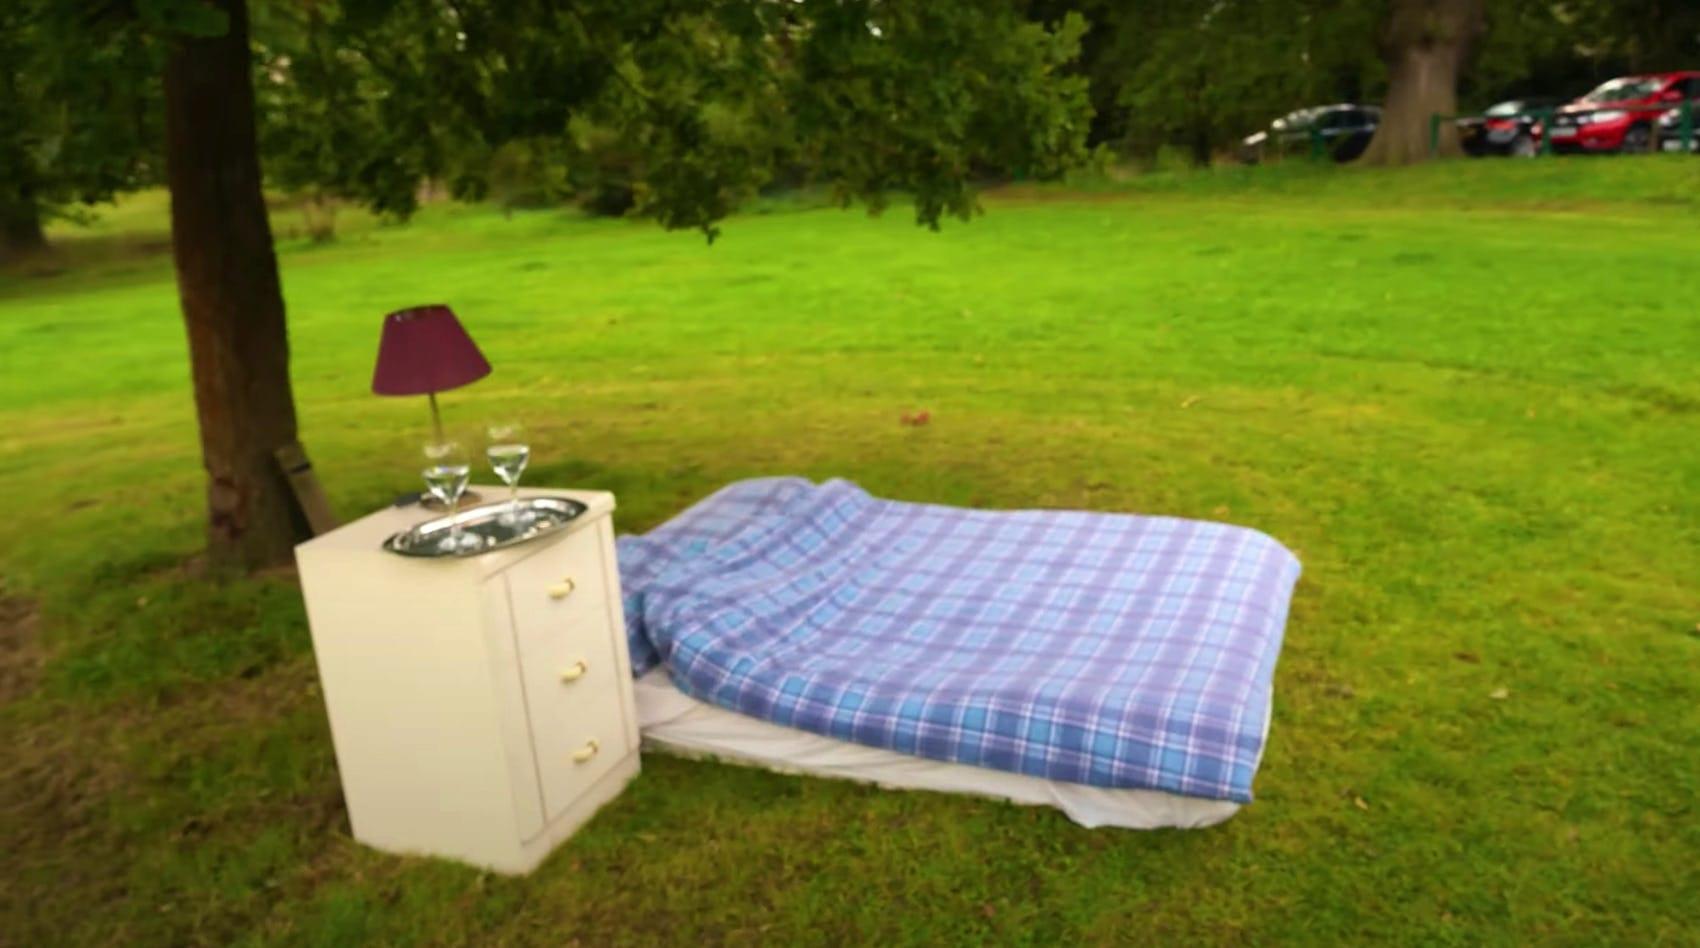 Nejhorší ubytování na Airbnb